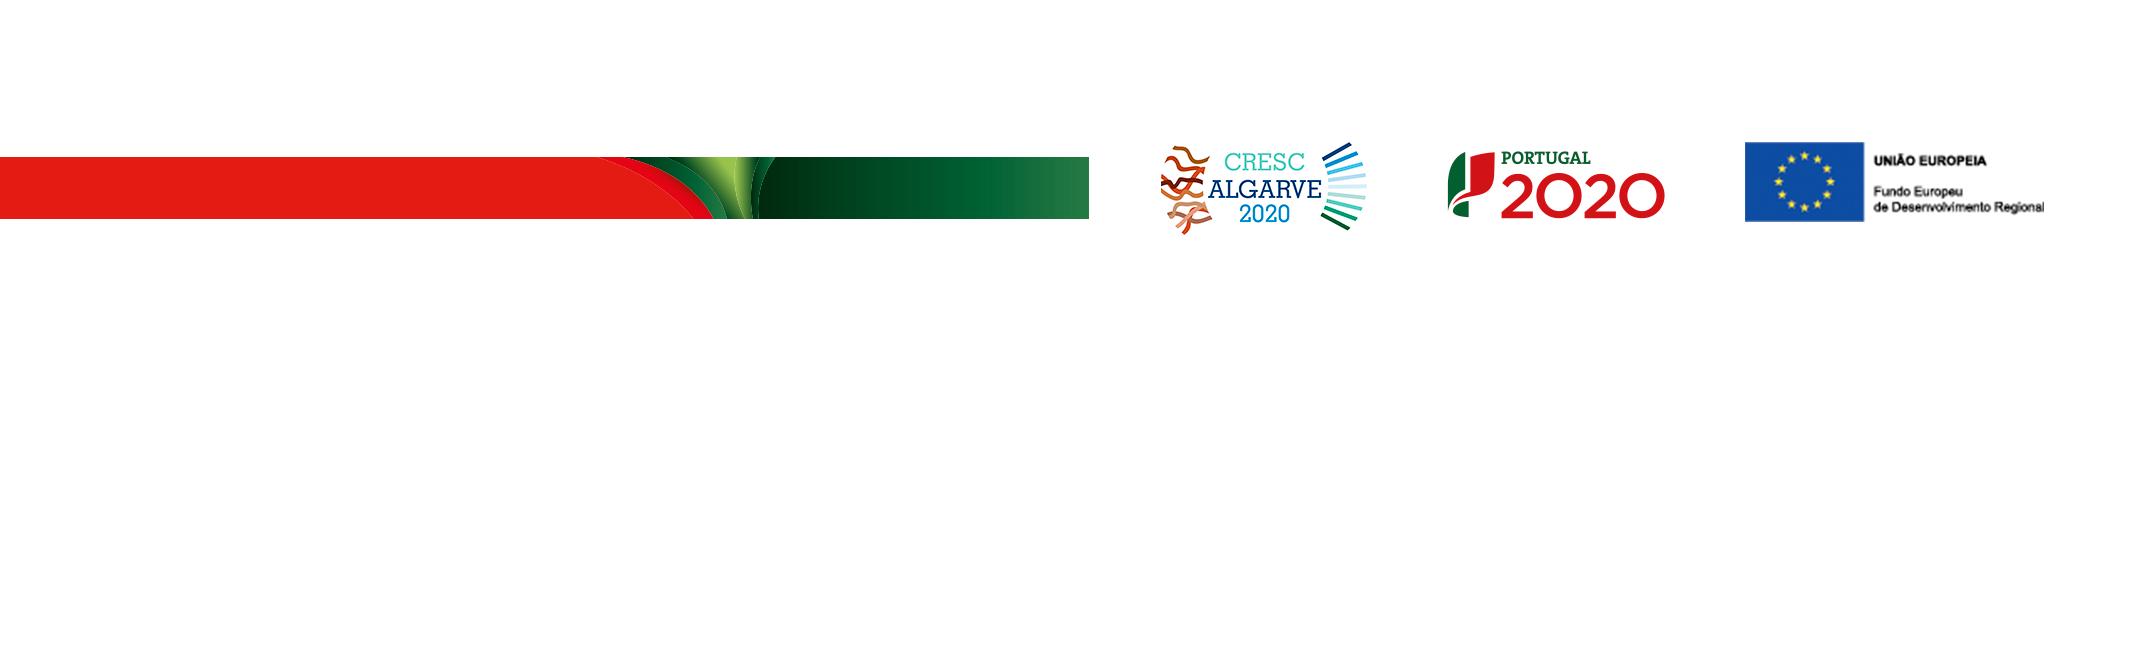 PROJETO 2020 GARRAFEIRA SOARES